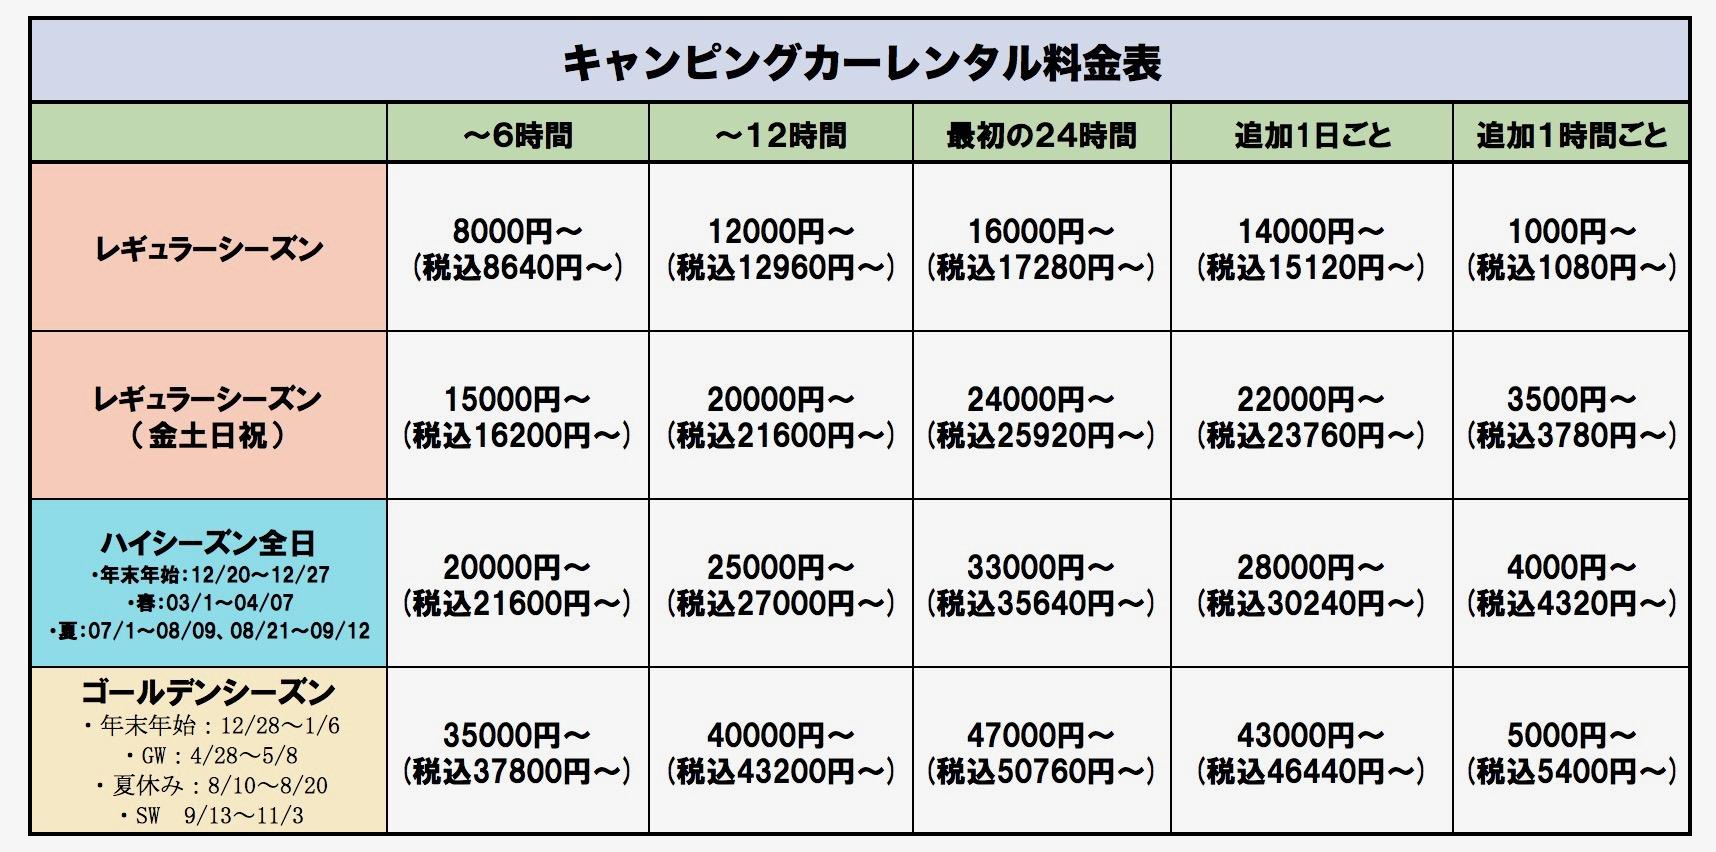 キャンピングカーレンタル料金表